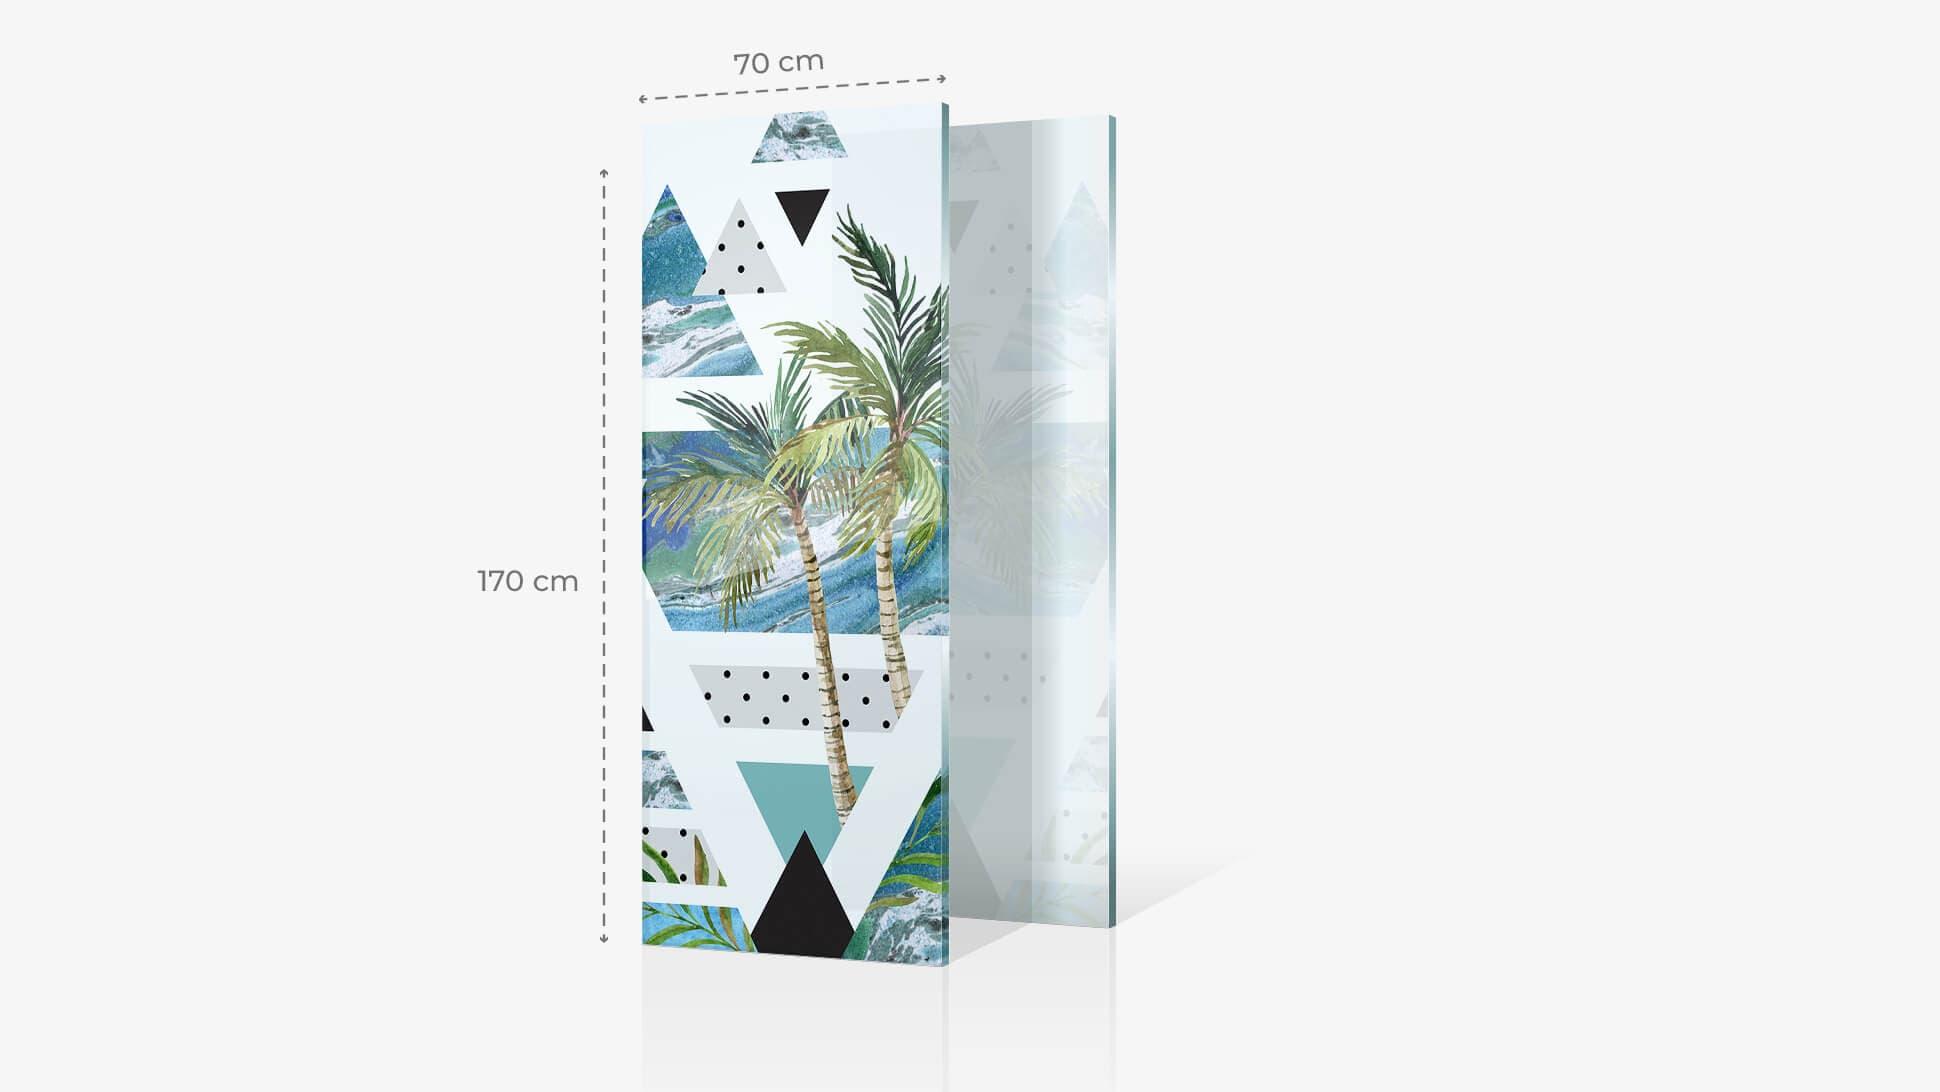 Foto su vetro acrilico 70x170 cm con grafica | tictac.it